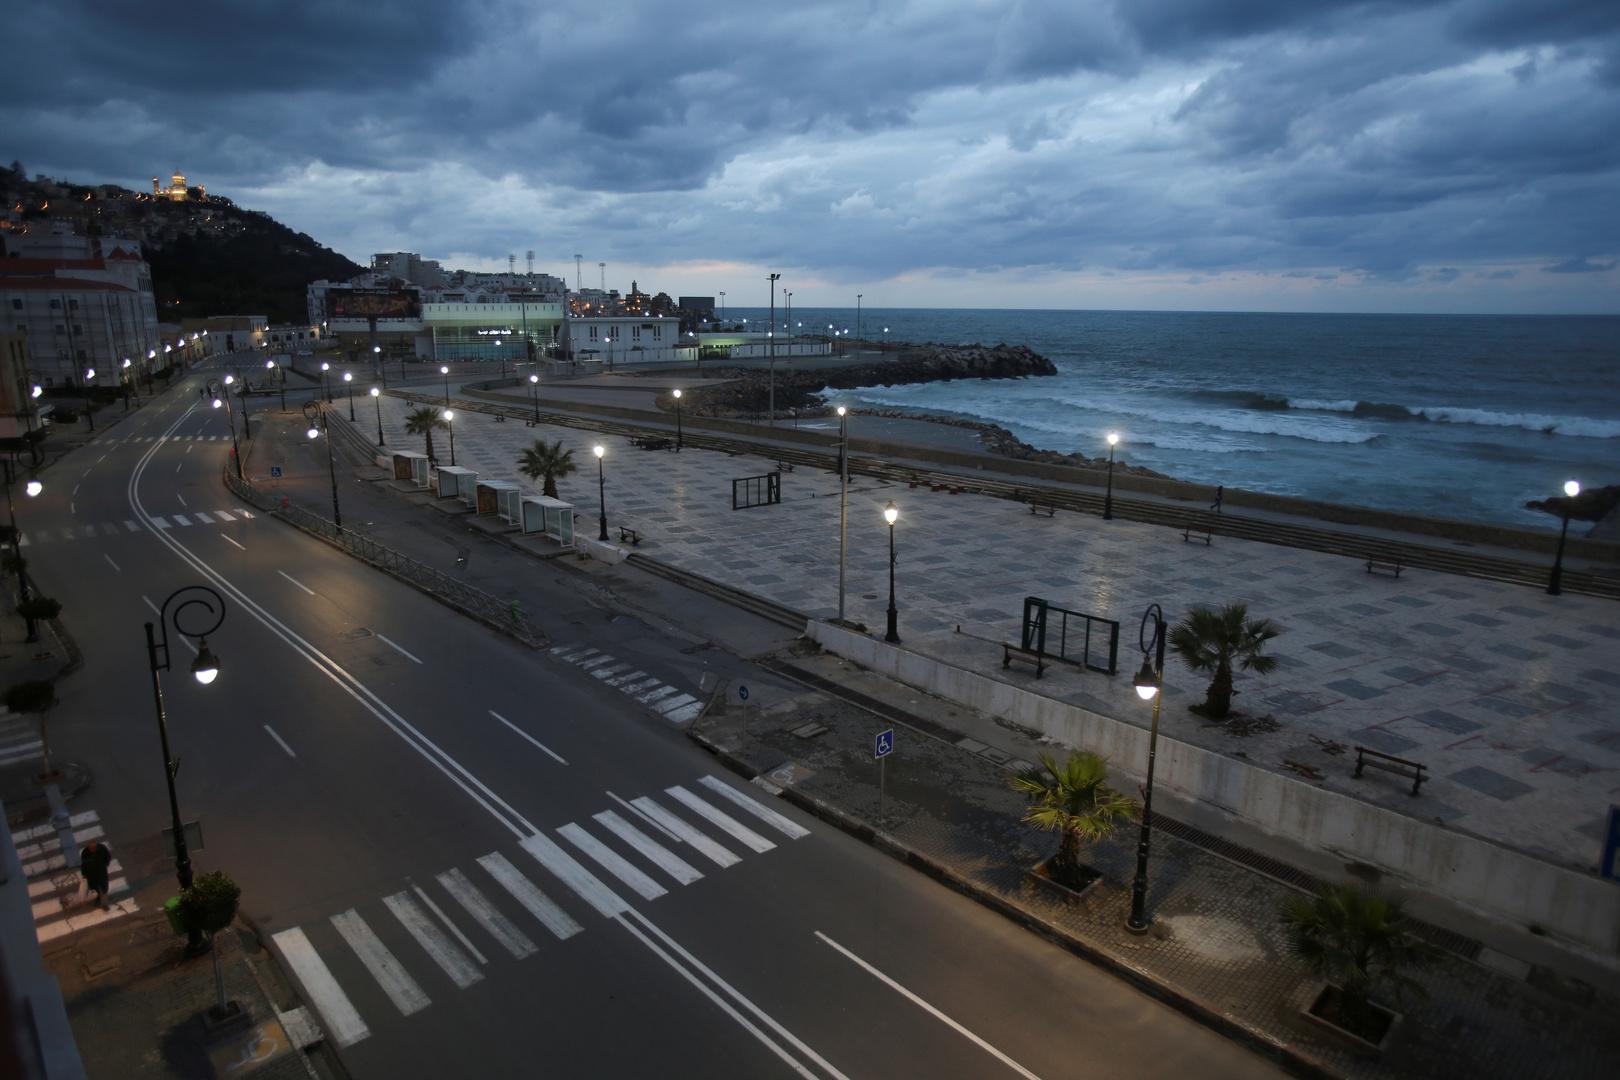 زلزال يضرب ولاية تيبازة الجزائرية